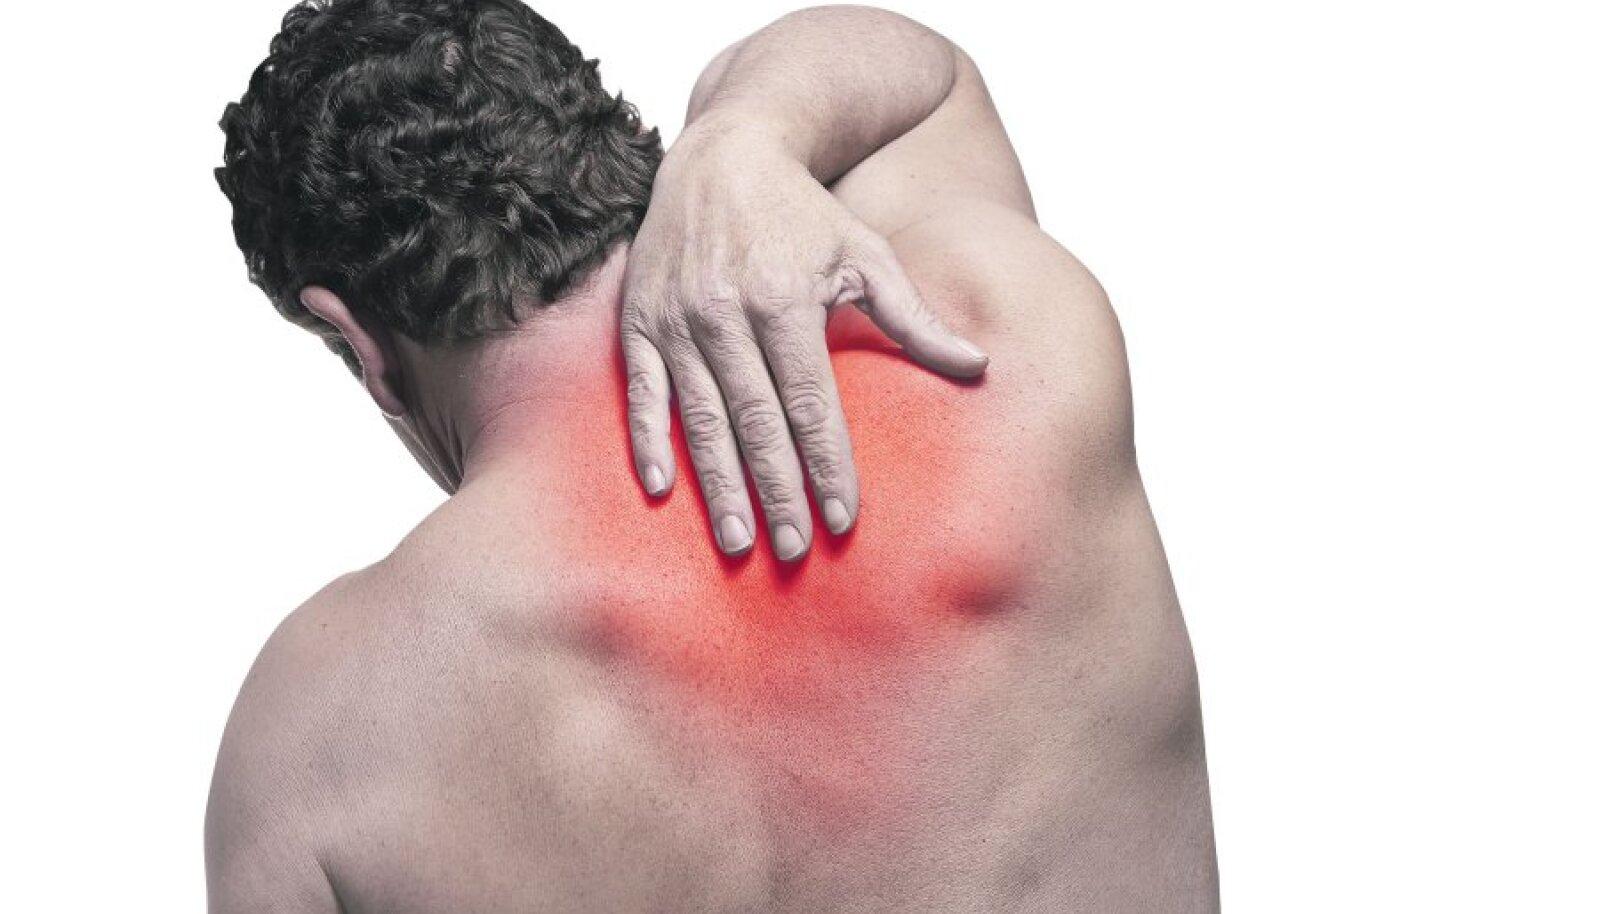 Omandatud luude ja liigeste haigused Folk oiguskaitsevahendid kate artriidi ravis